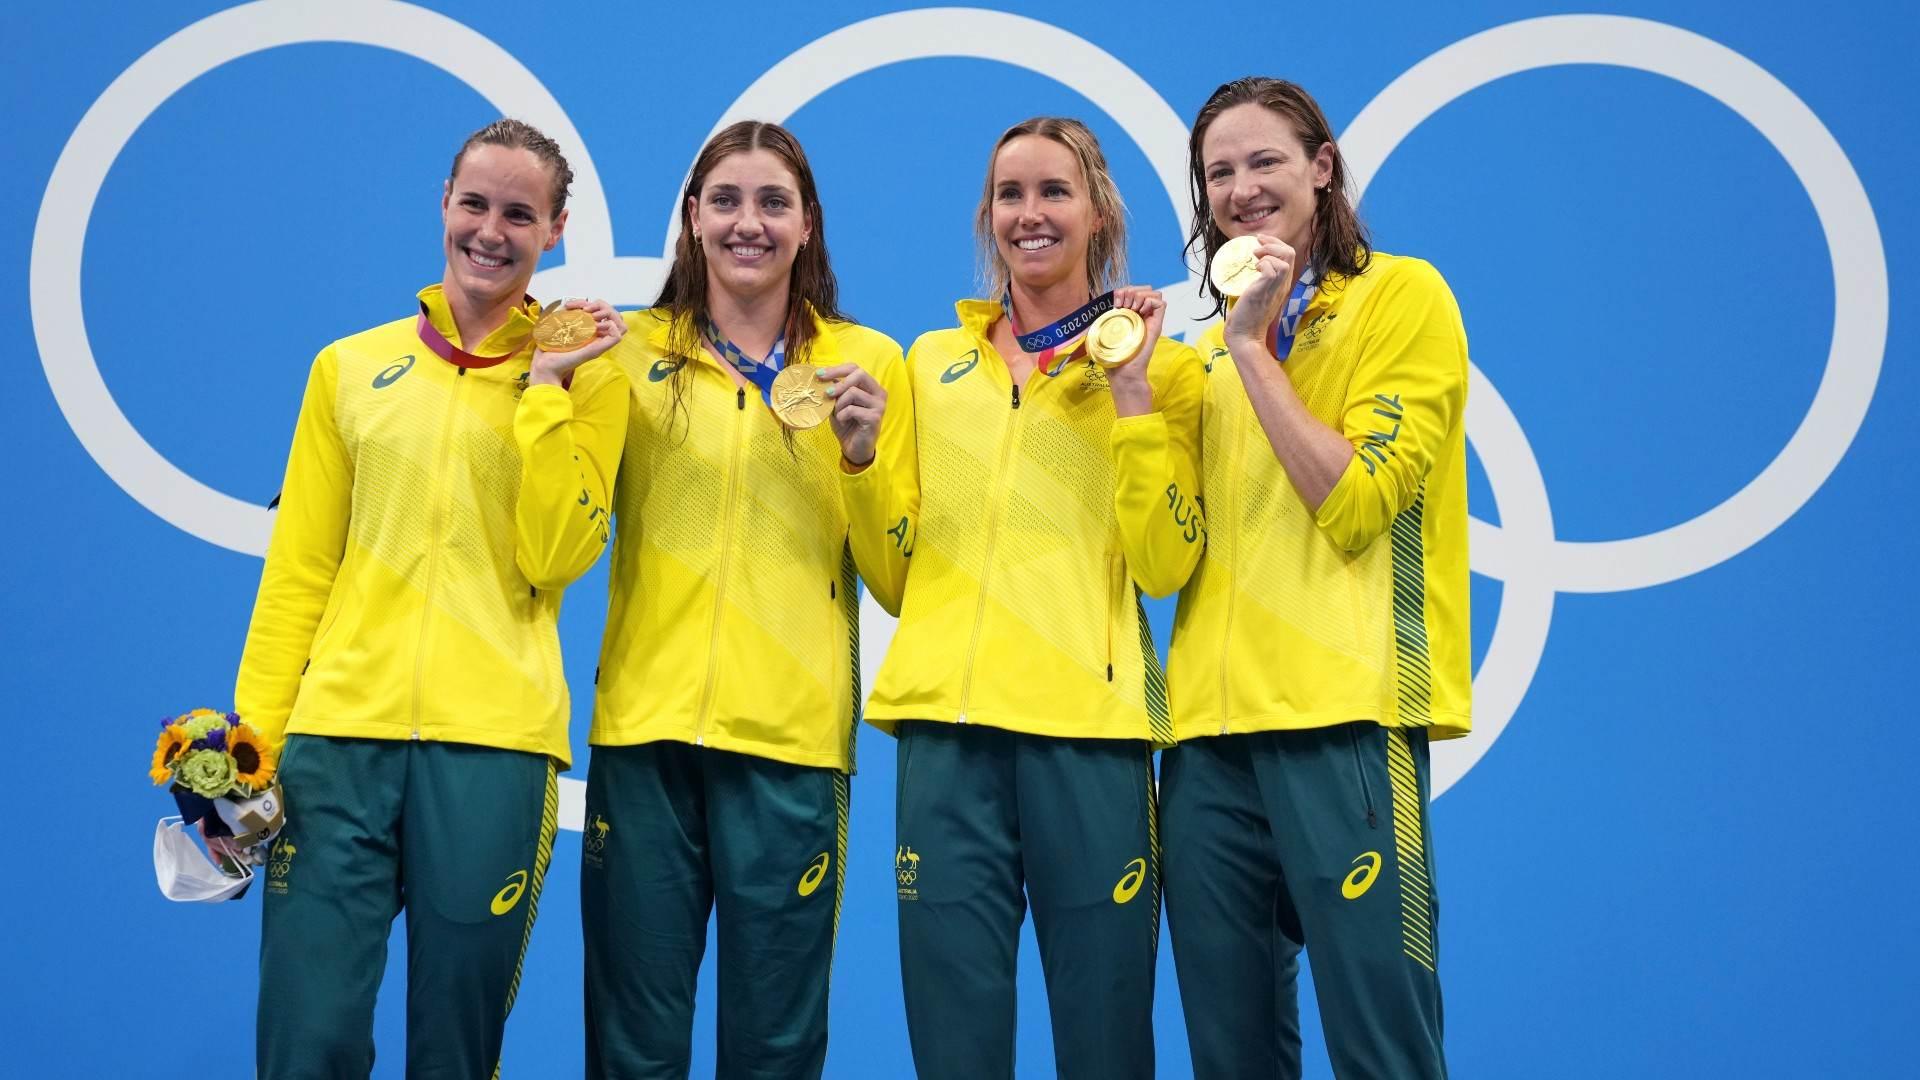 Nadadoras da Austrália recebem medalha de ouro no revezamento 4x100m